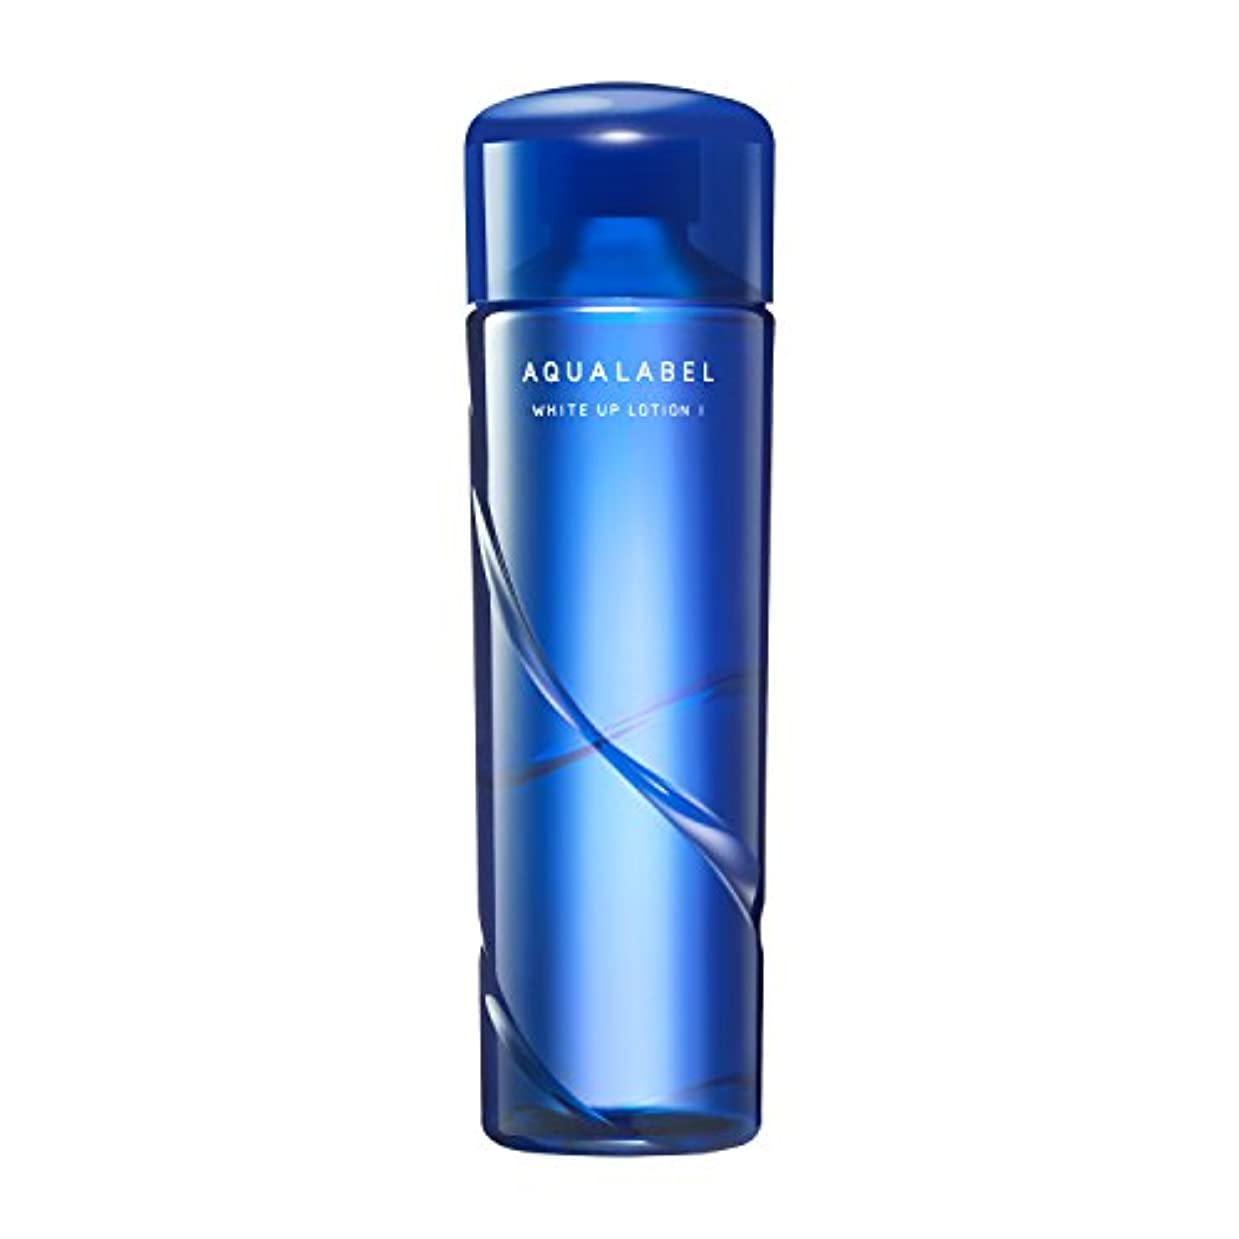 交流する落ち着いて例外アクアレーベル ホワイトアップ ローション 保湿・美白化粧水 (1) さっぱり 200mL 【医薬部外品】